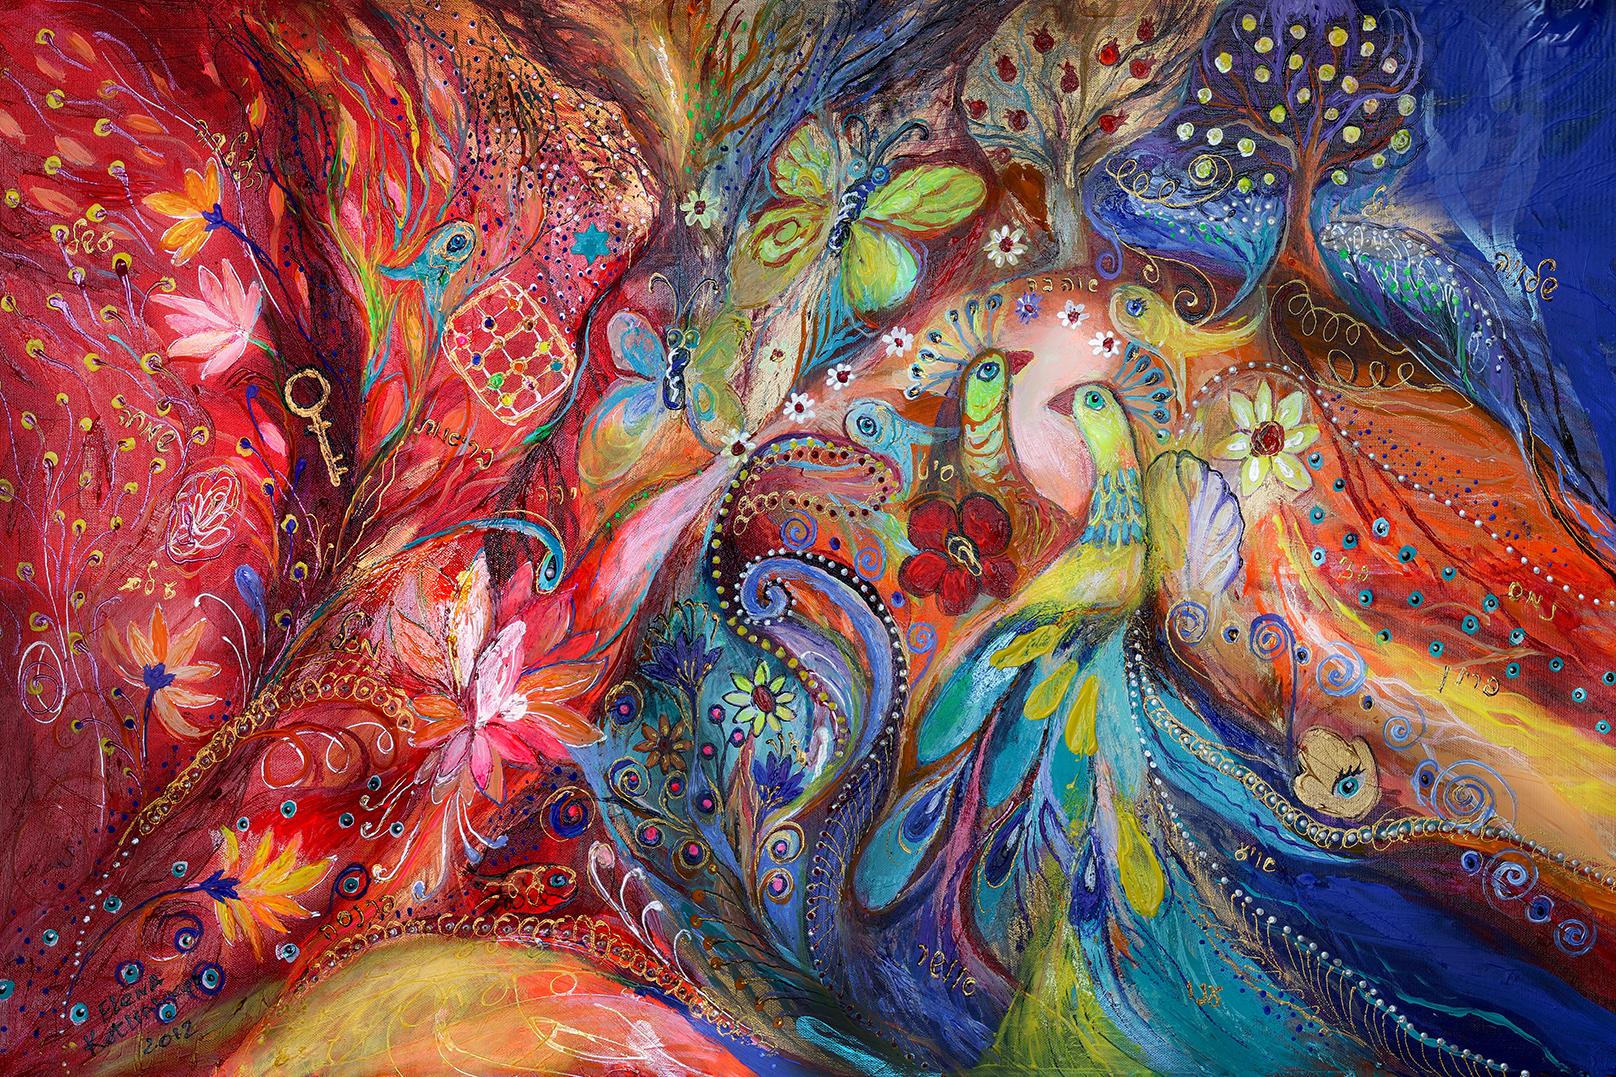 The Flowers and Butterflies | Torah Art Gallery